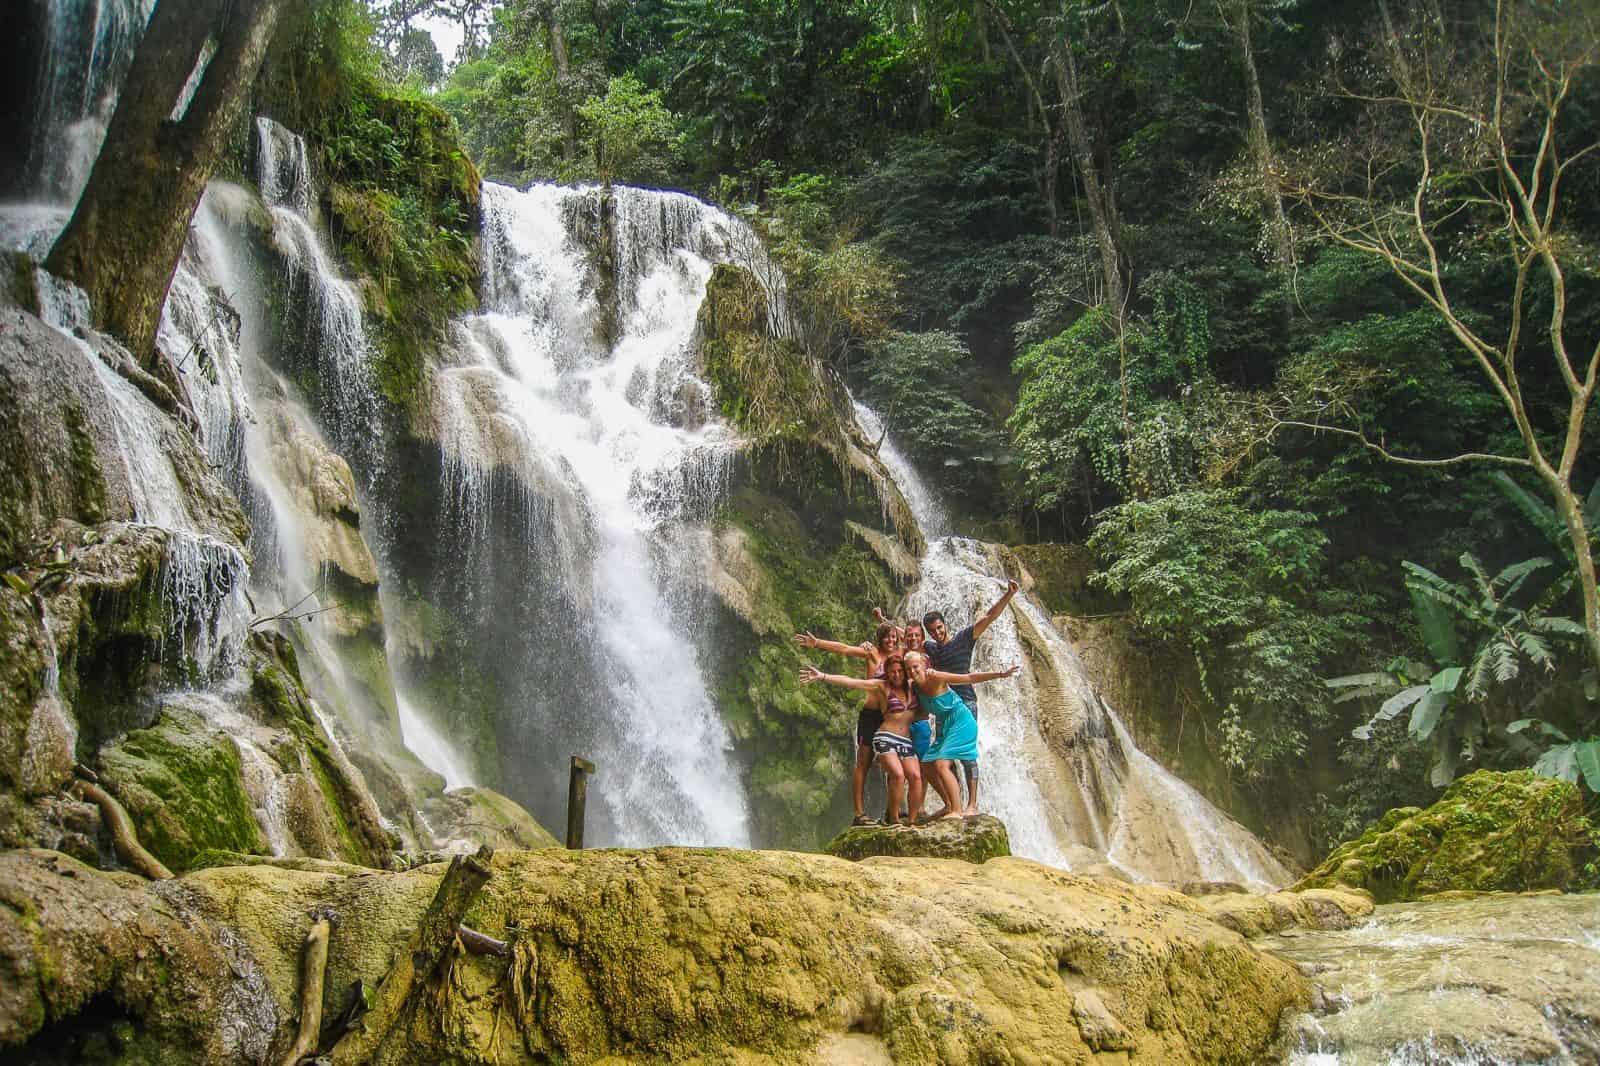 Traveling the world. Kuang Si Falls, Luang Prabang, Laos.